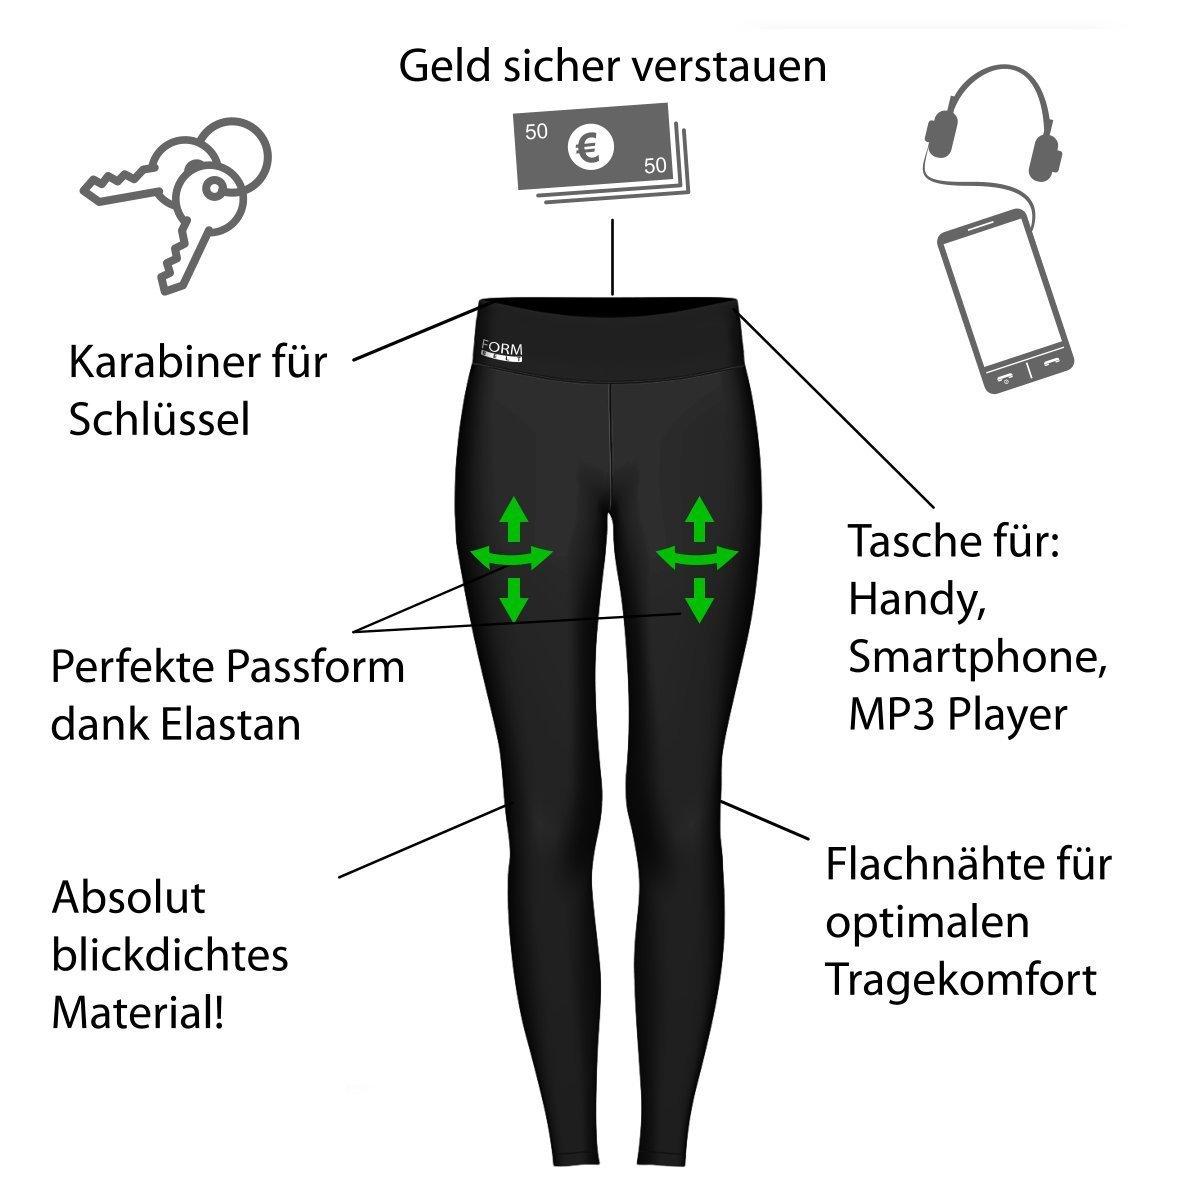 sport-damen-leggings-mit-taschen-fuer-handy-schwarz-infografik